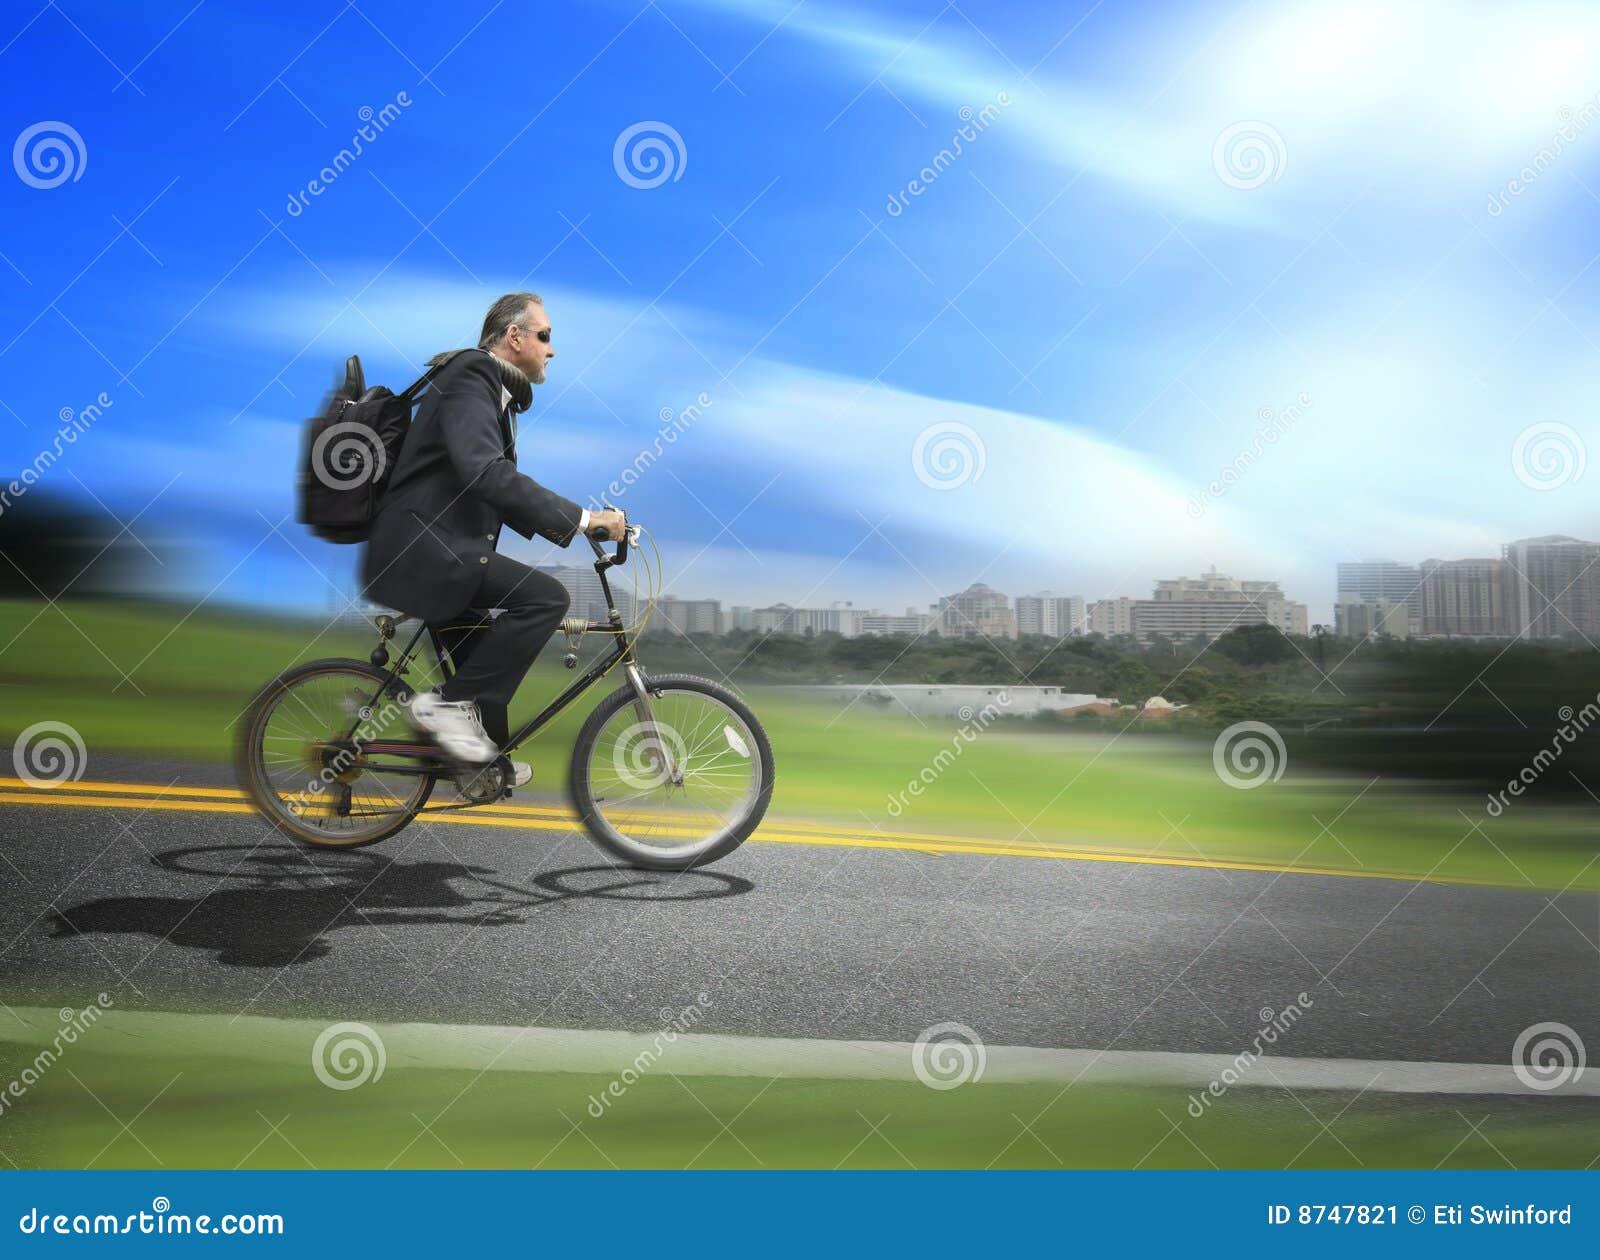 De fiets van het personenvervoer om te werken